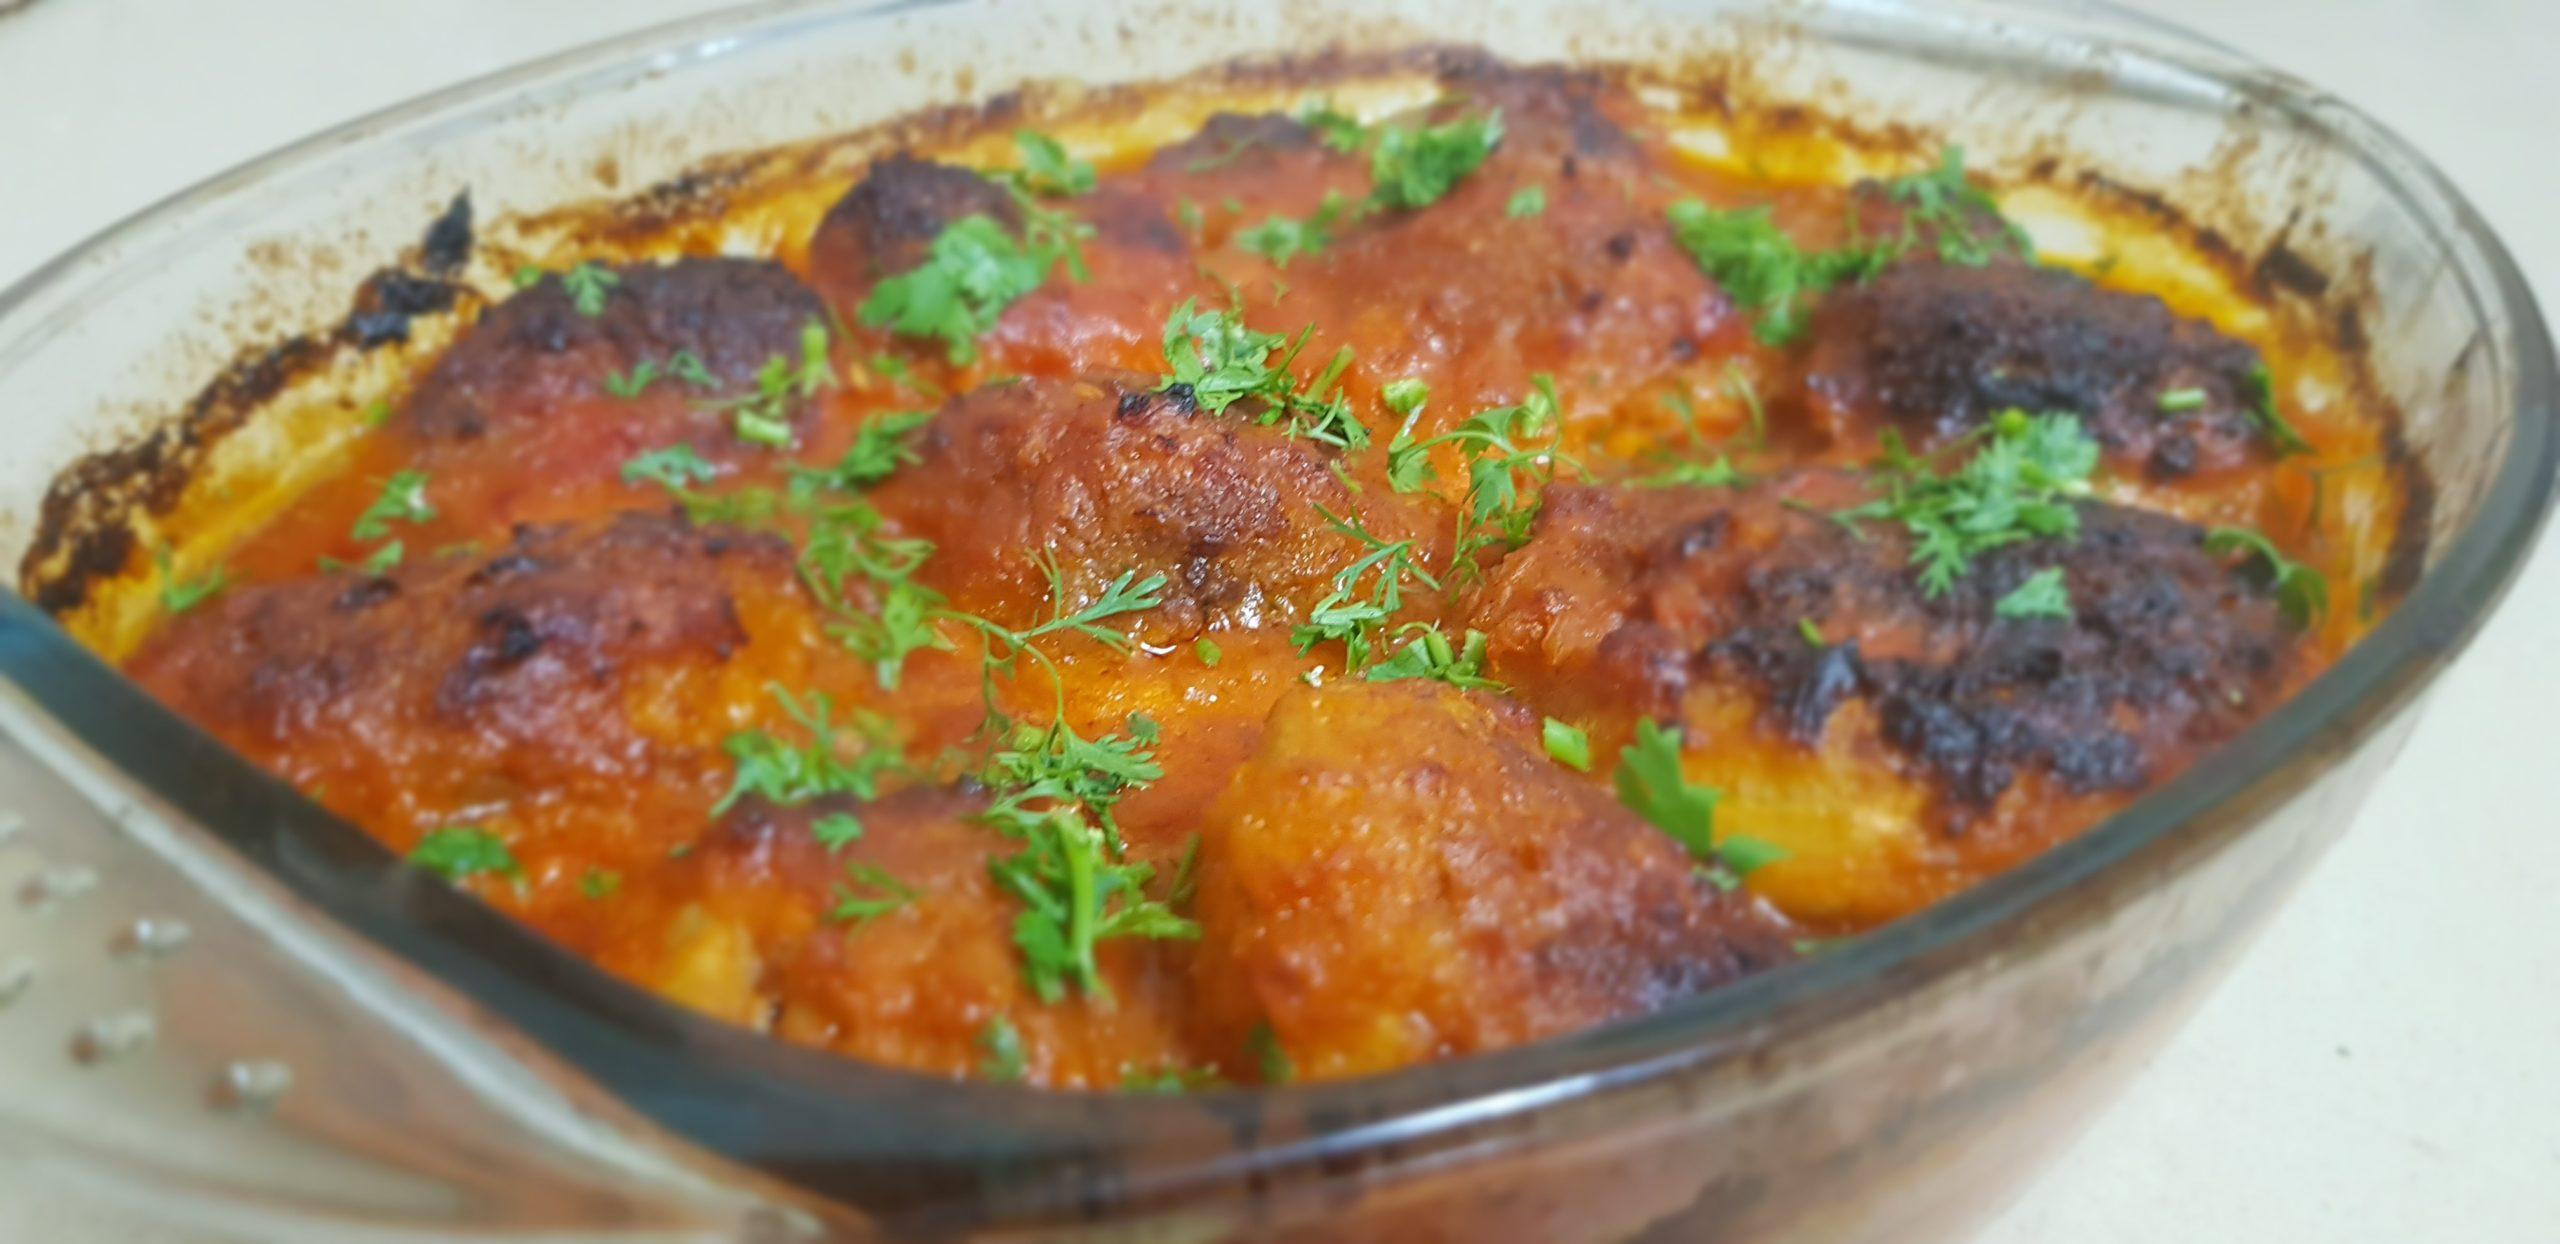 Artichauts farcis à la viande et gratinés au four